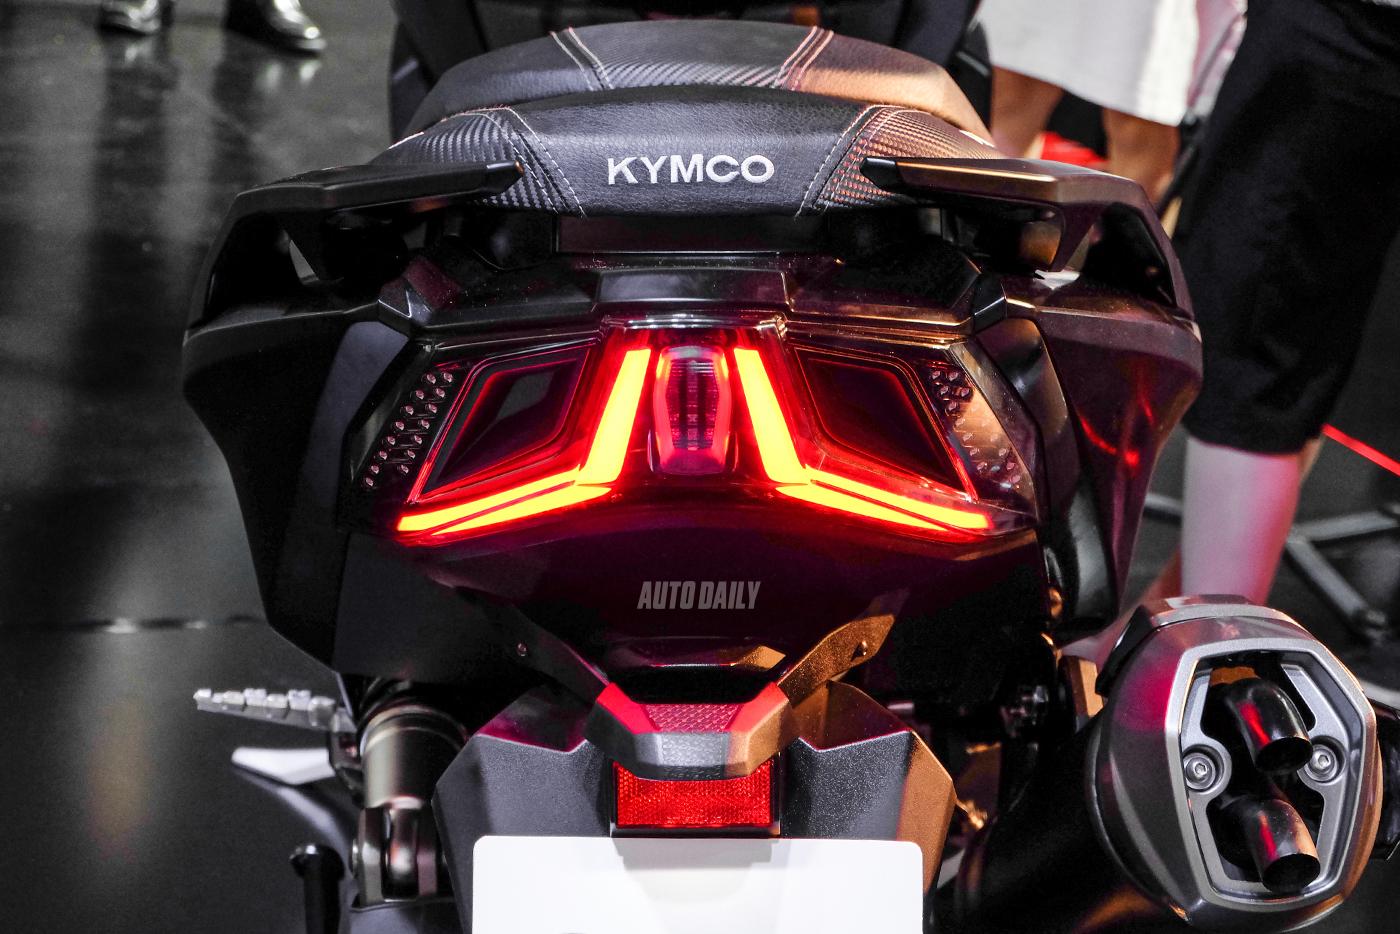 kymco-ak550-31.jpg